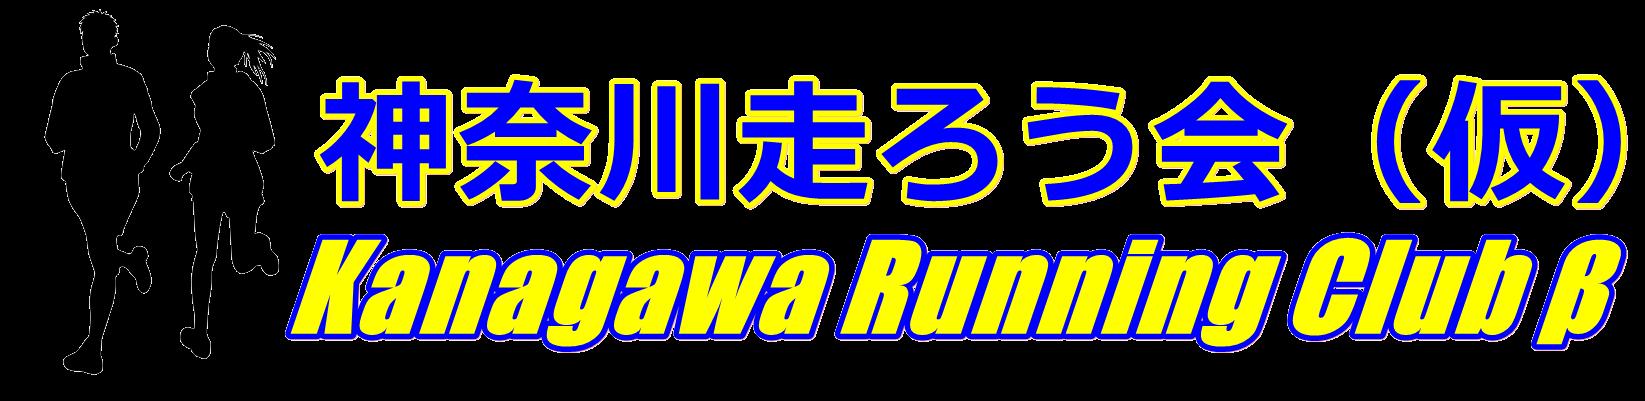 神奈川走ろう会(仮)|県内・横浜最大級ラニングサークル